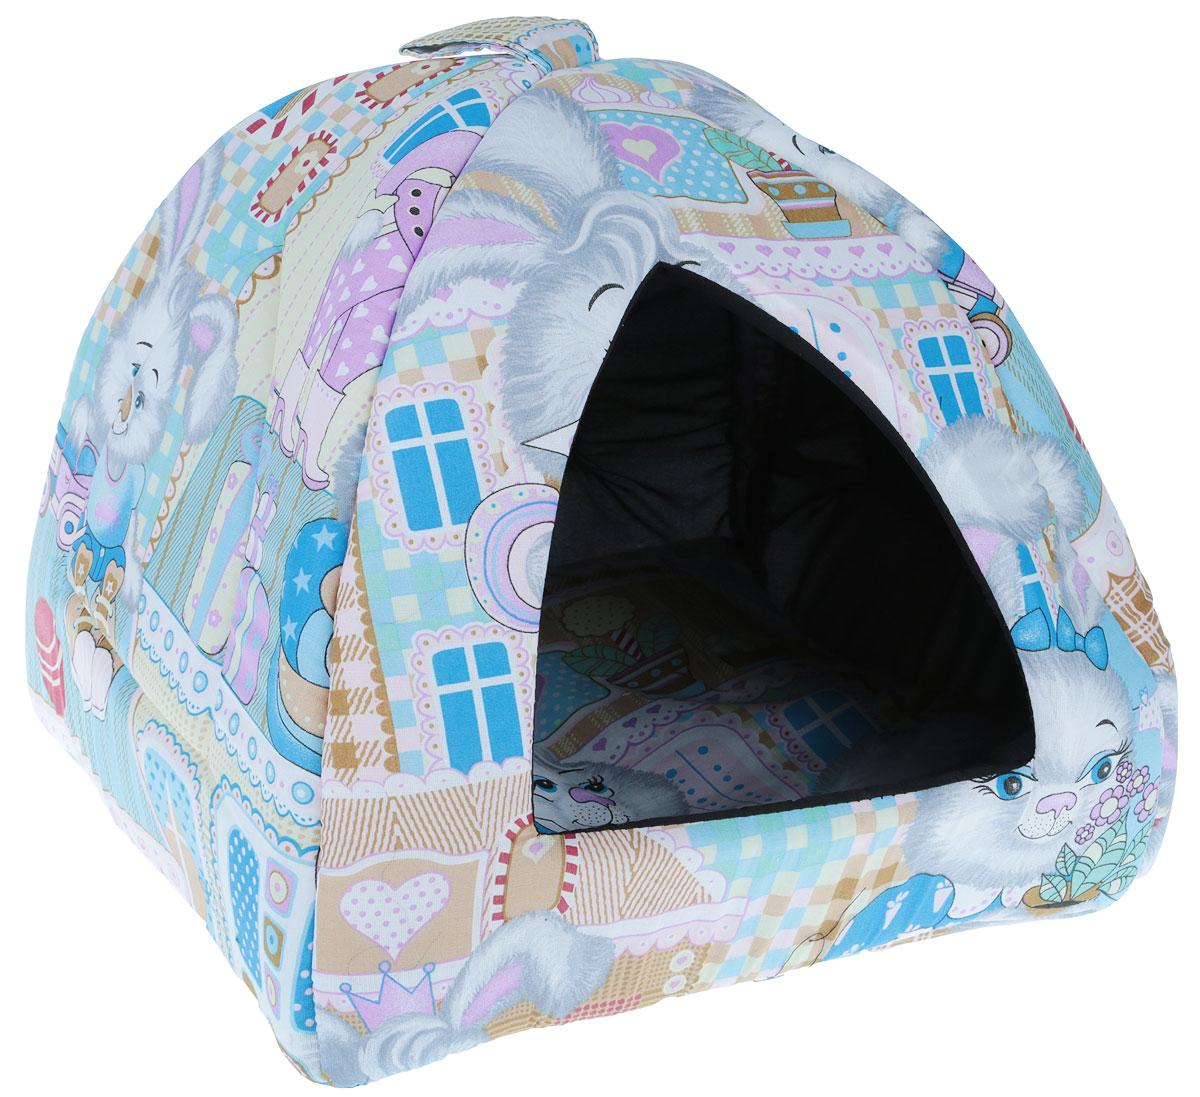 Домик для кошек и собак Гамма  Юрта , 40 х 40 х 36 см - Лежаки, домики, спальные места